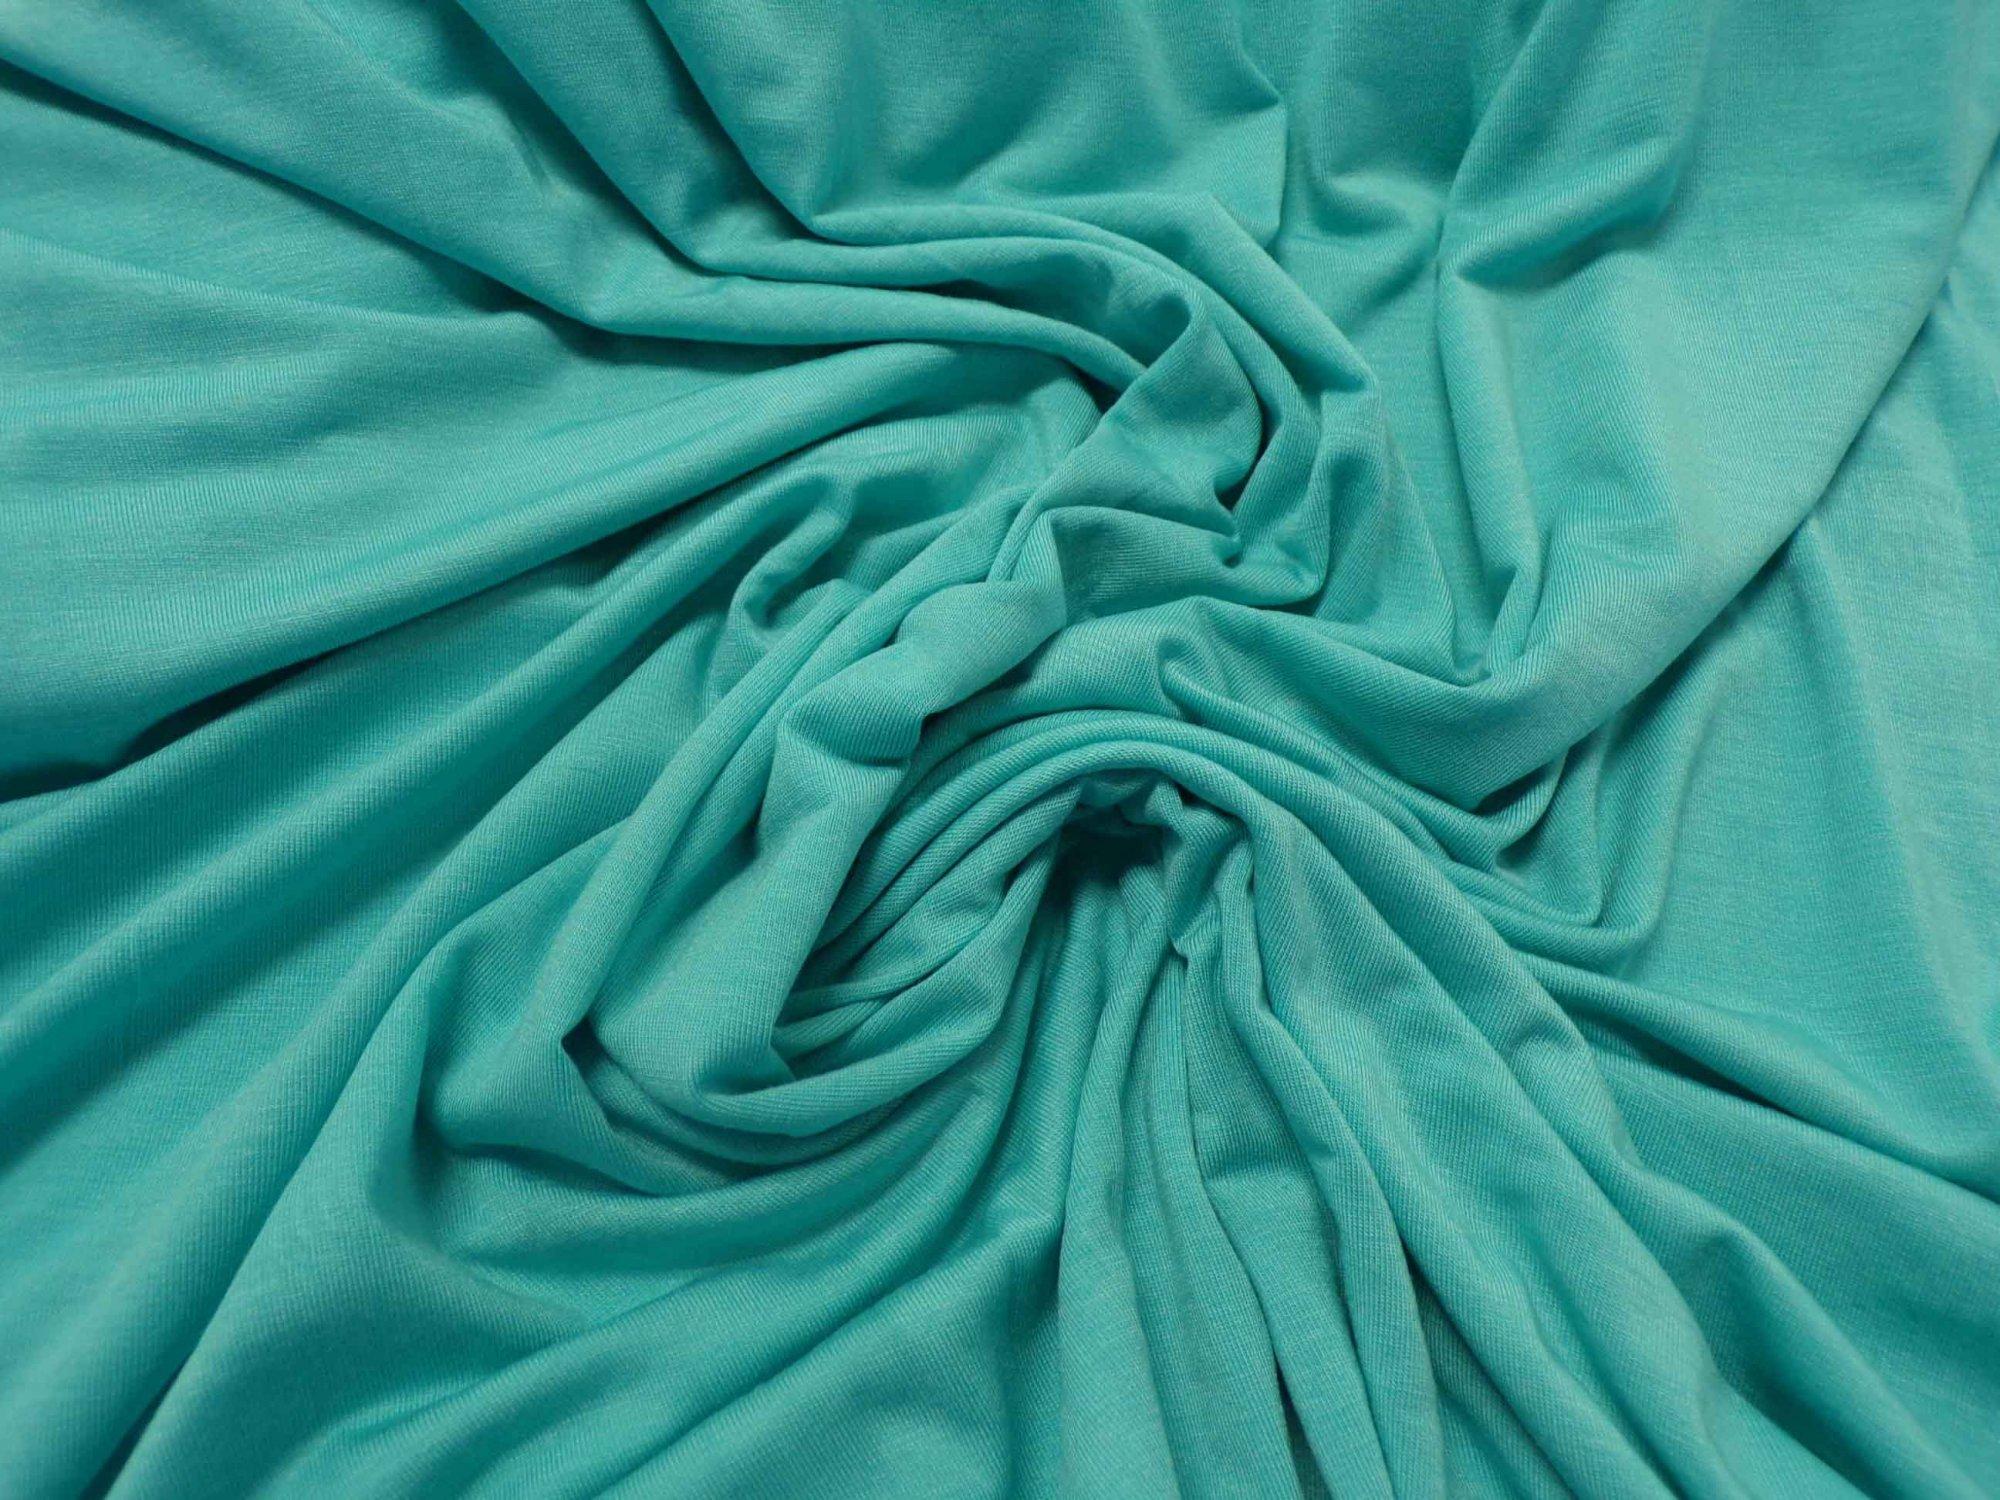 Lightweight Modal Lycra Jersey - Jade